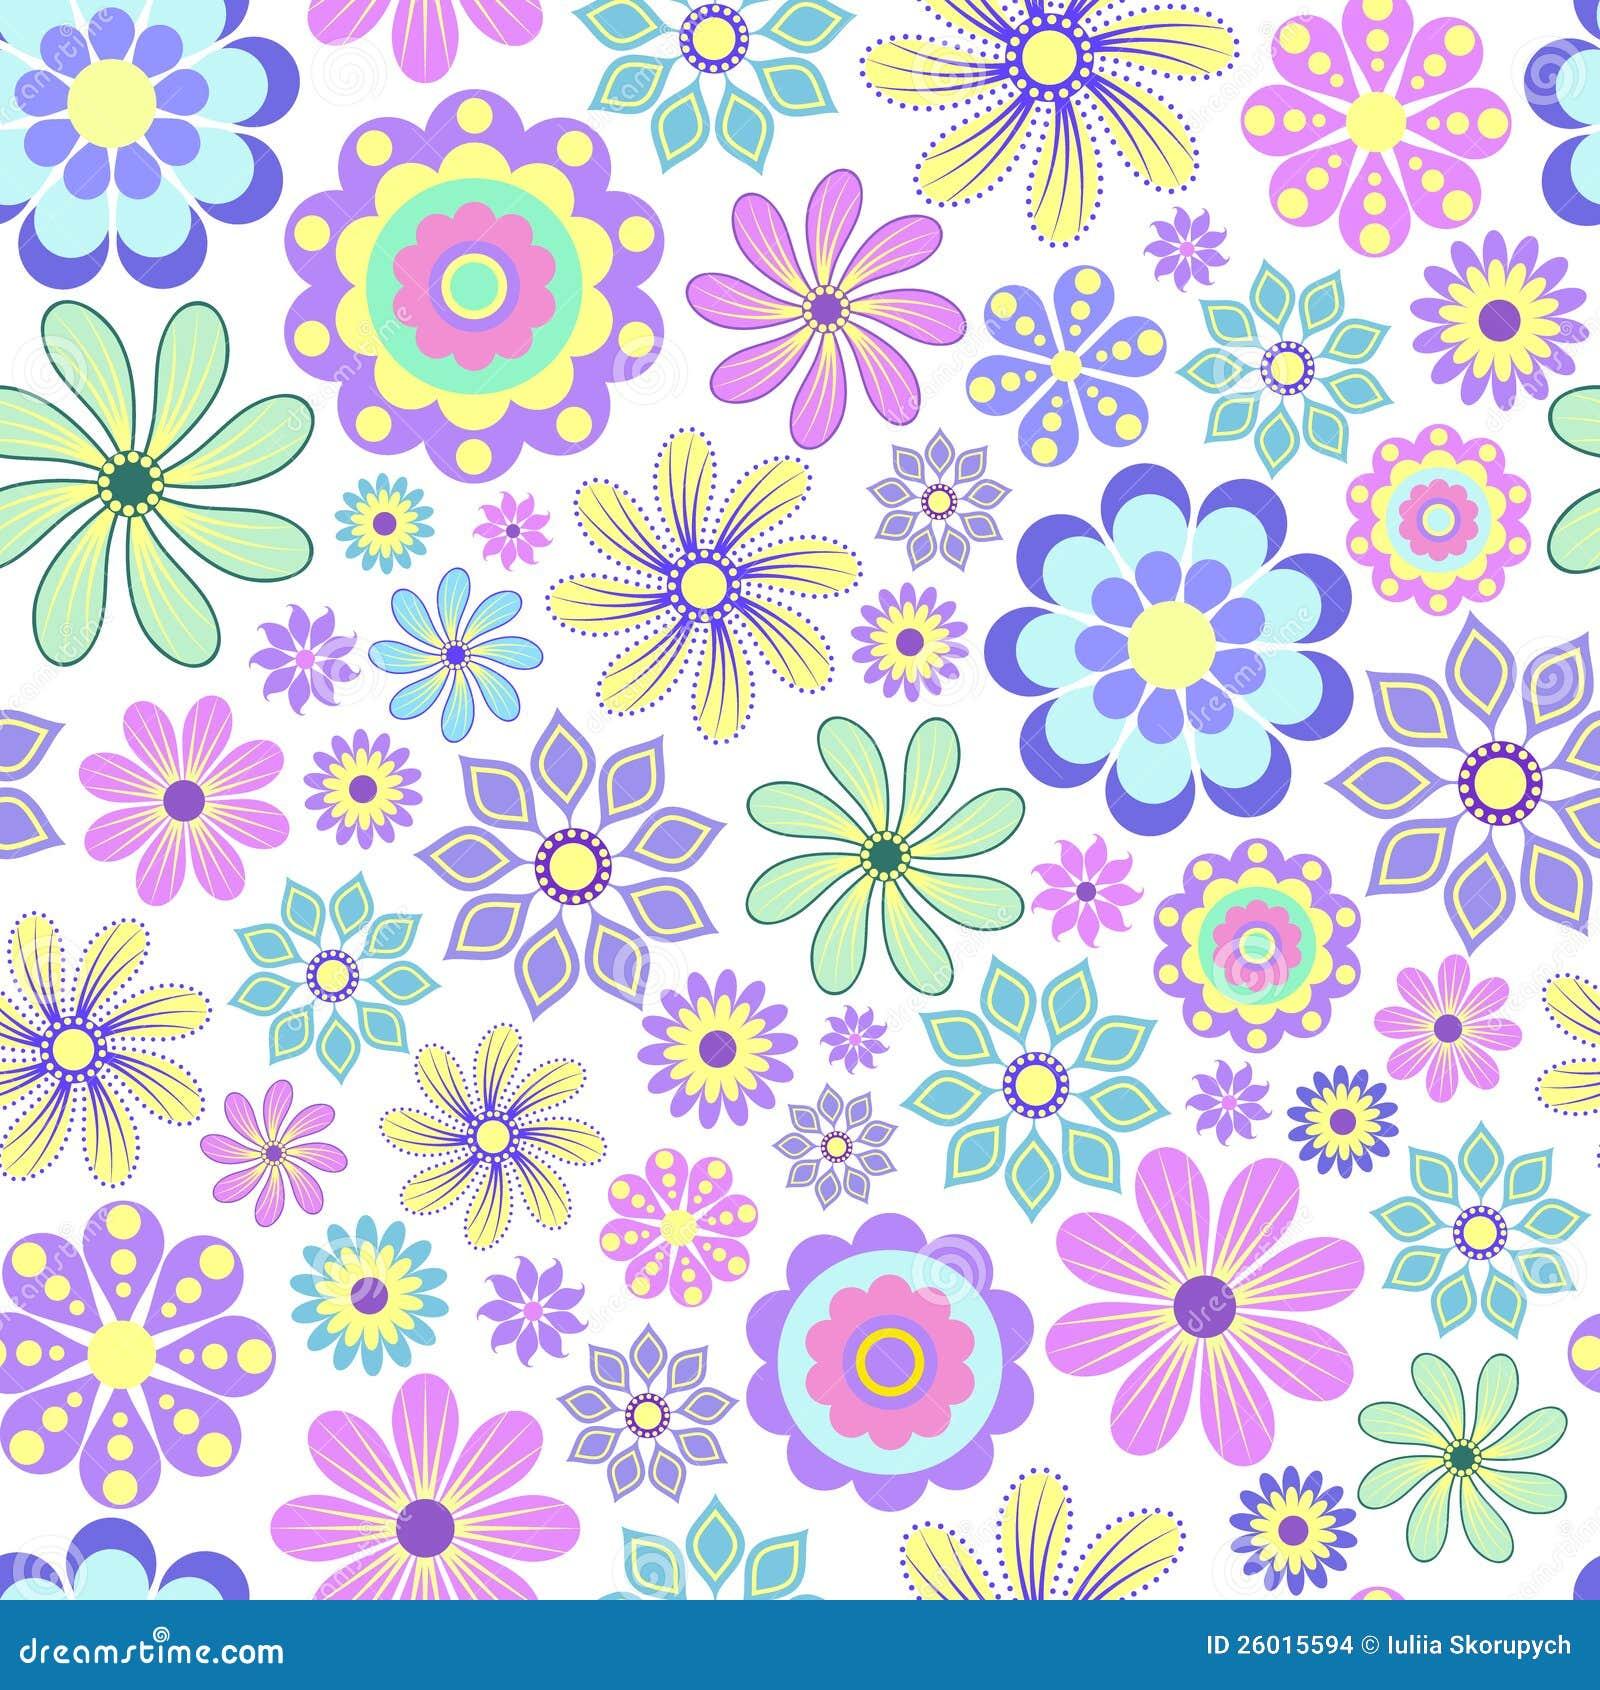 Vintage flower wallpaper designs vintage floral wallpaper - Pastel Flower On White Background Stock Vector Image